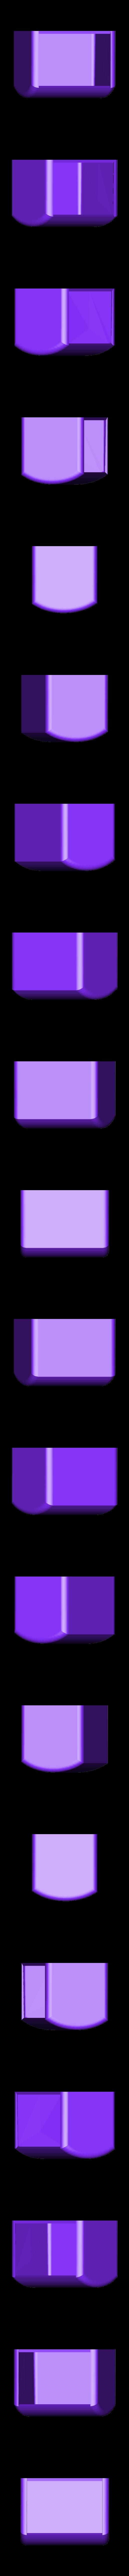 Display.stl Télécharger fichier STL gratuit Gashapon • Modèle pour imprimante 3D, itzu